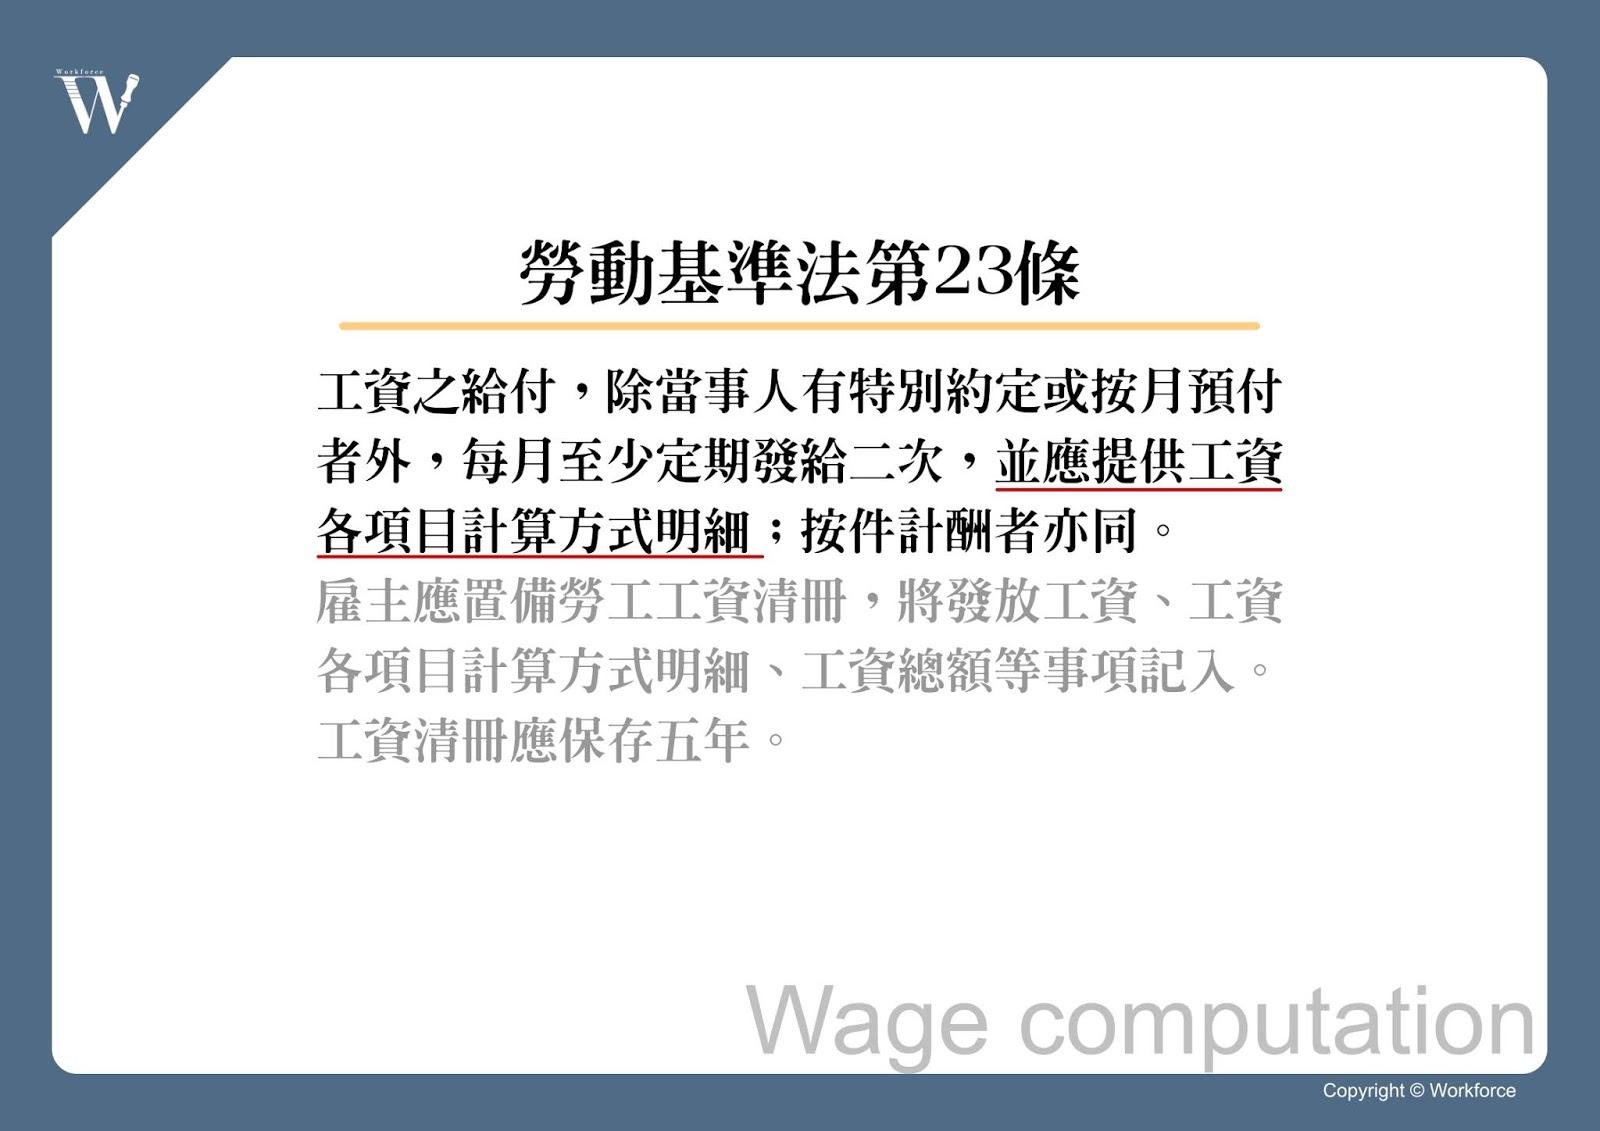 勞動基準法第23條第1項